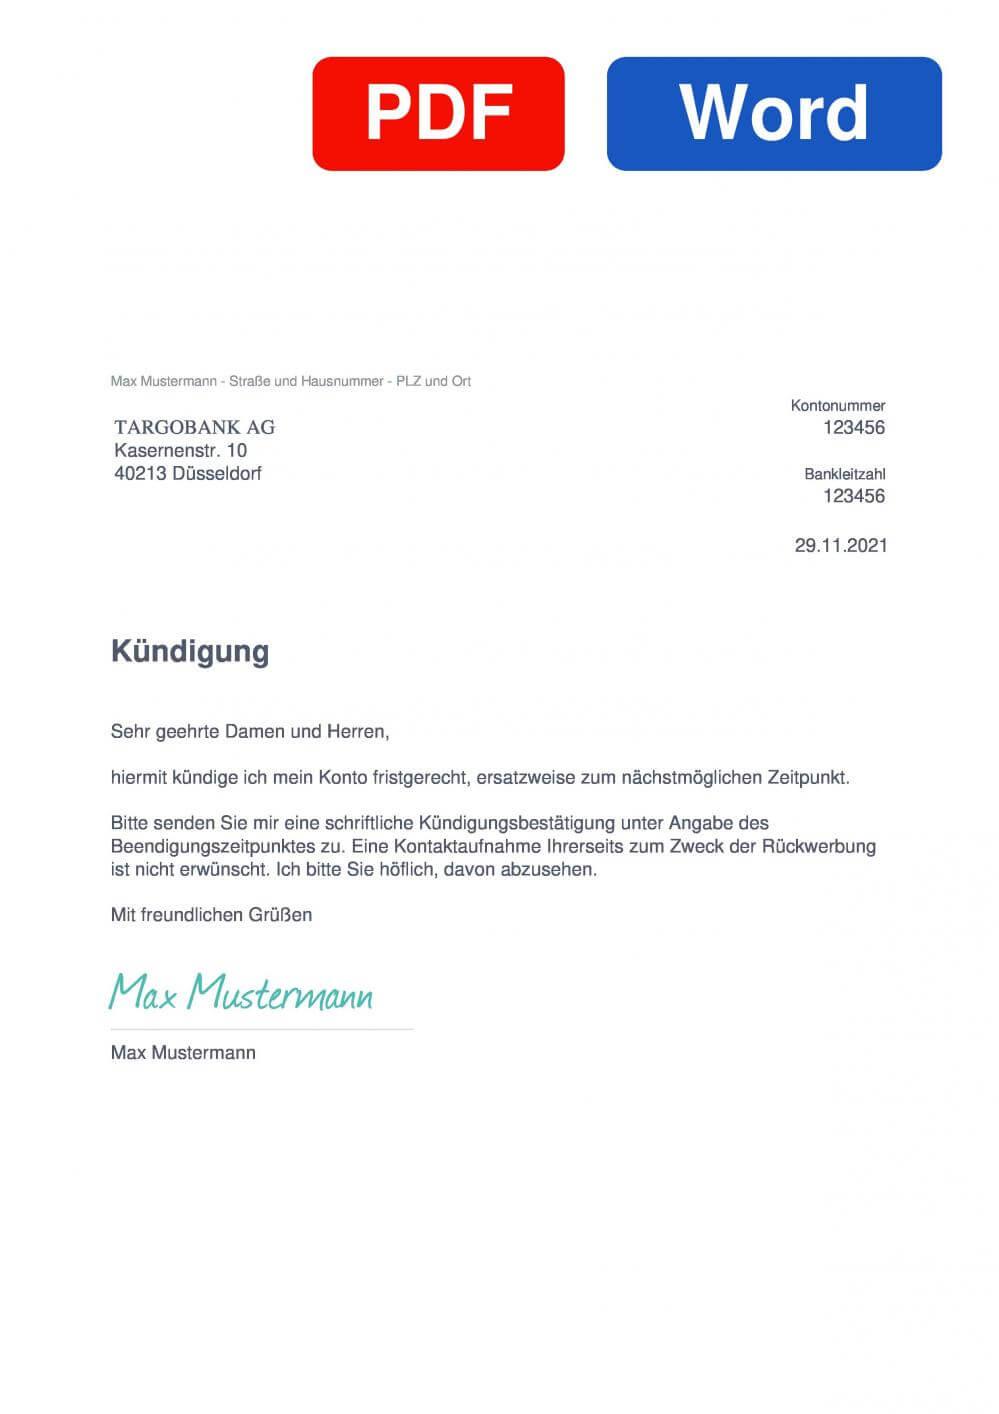 TARGOBANK Sparbuch Muster Vorlage für Kündigungsschreiben